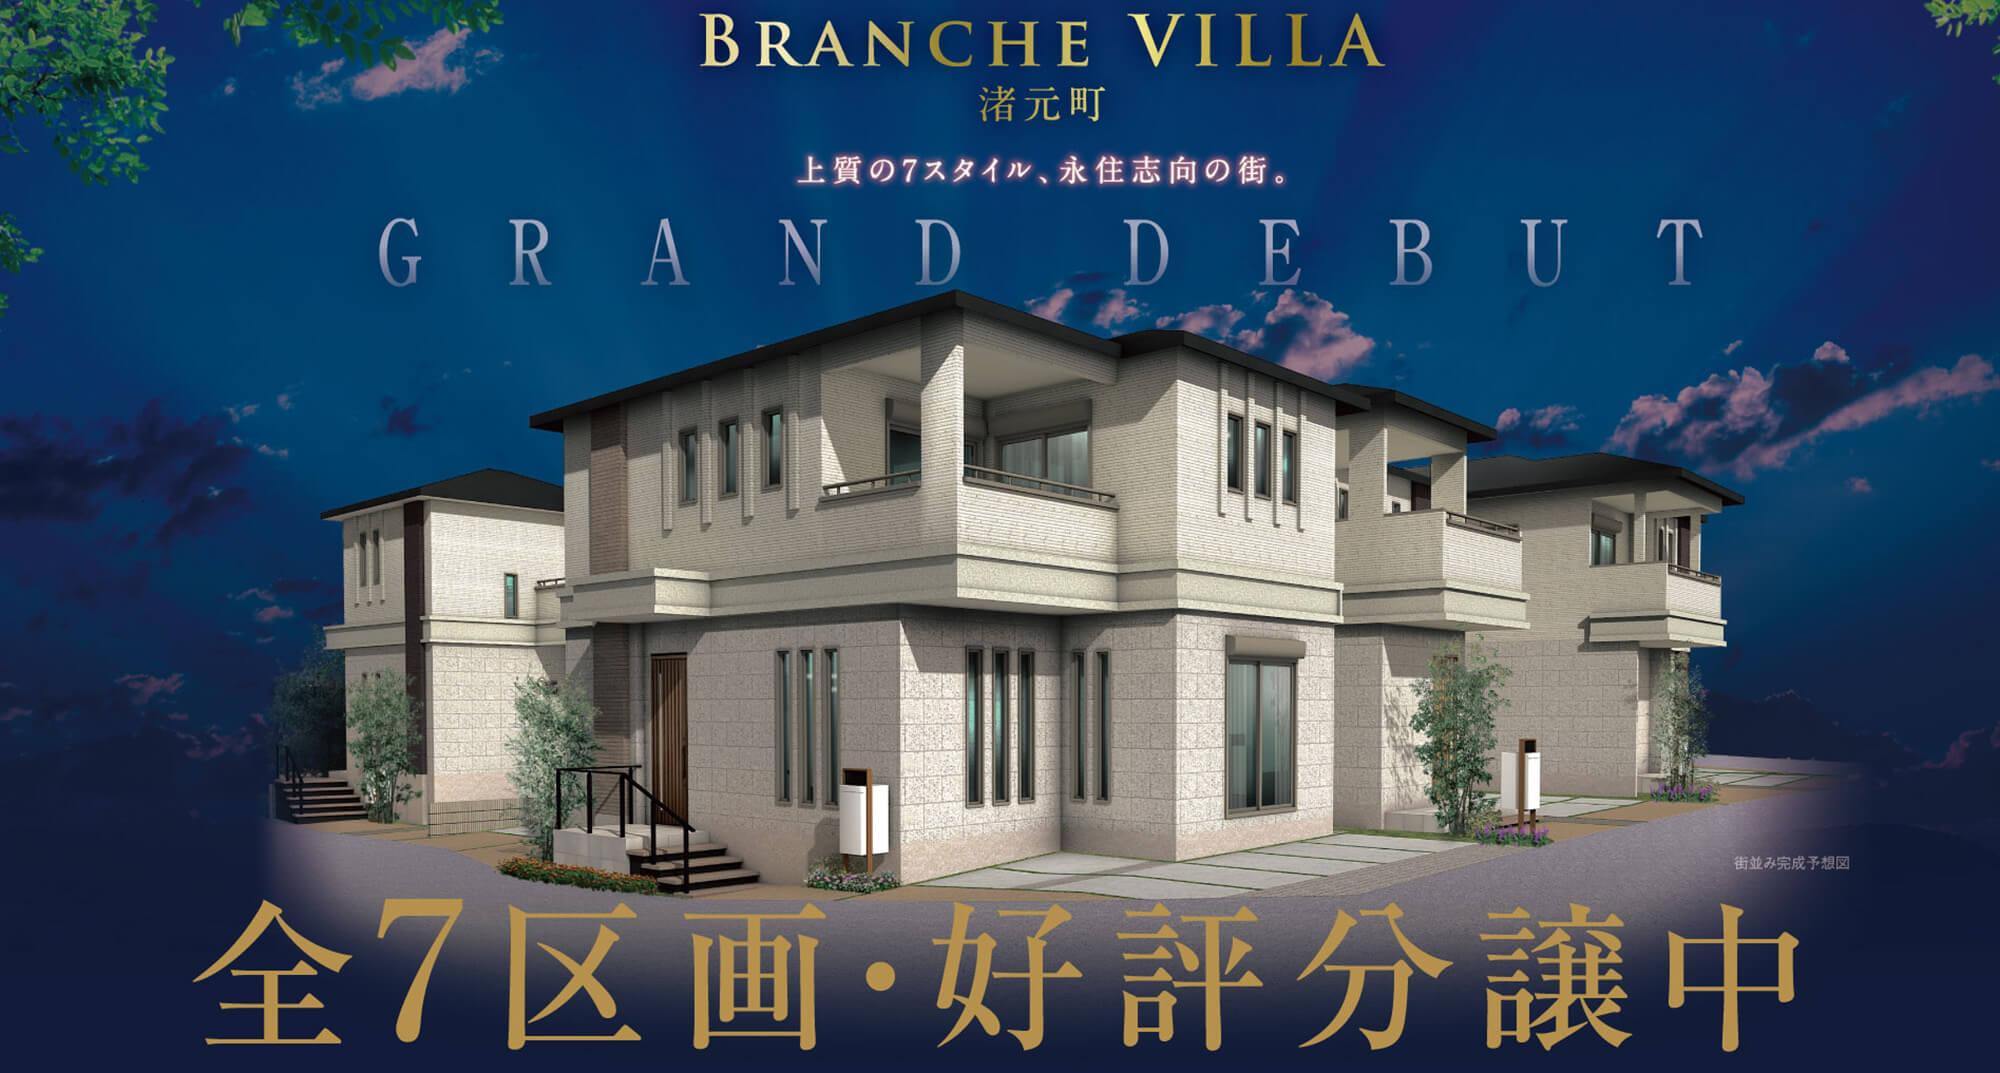 枚方市渚元町の分譲住宅(枚方市の分譲地で建売住宅を販売)